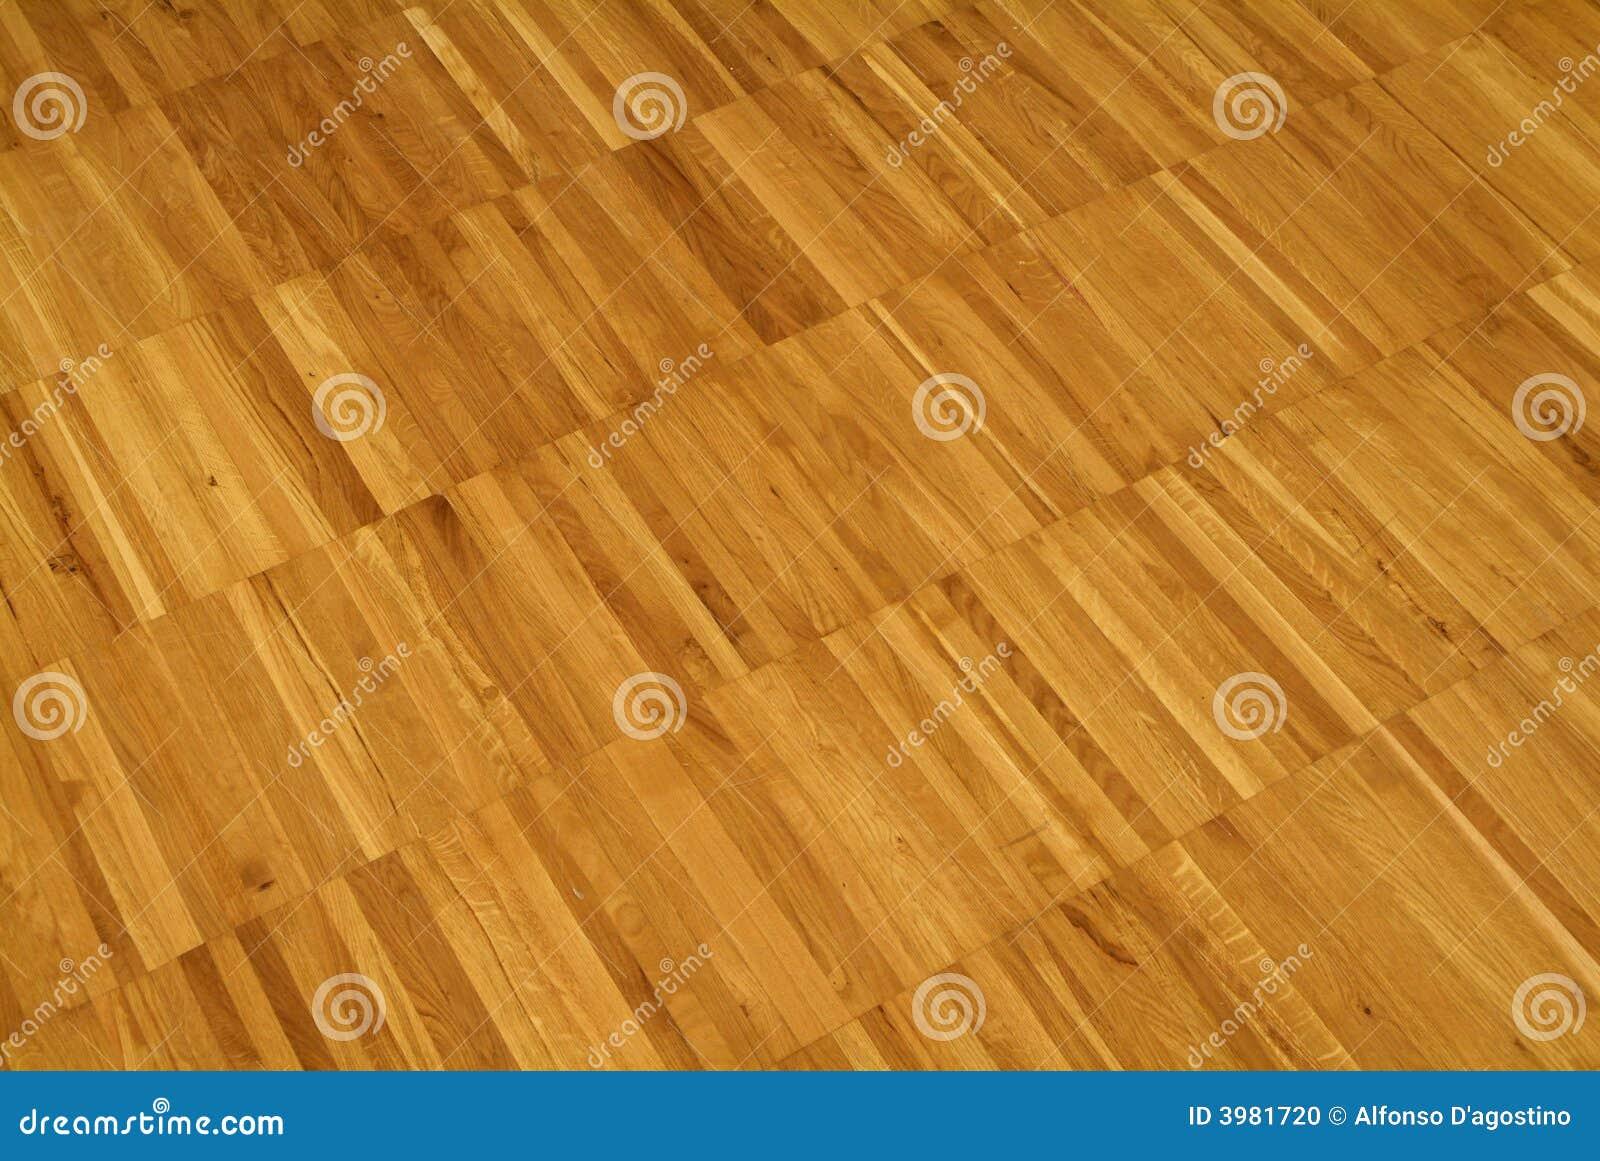 楼层木条地板